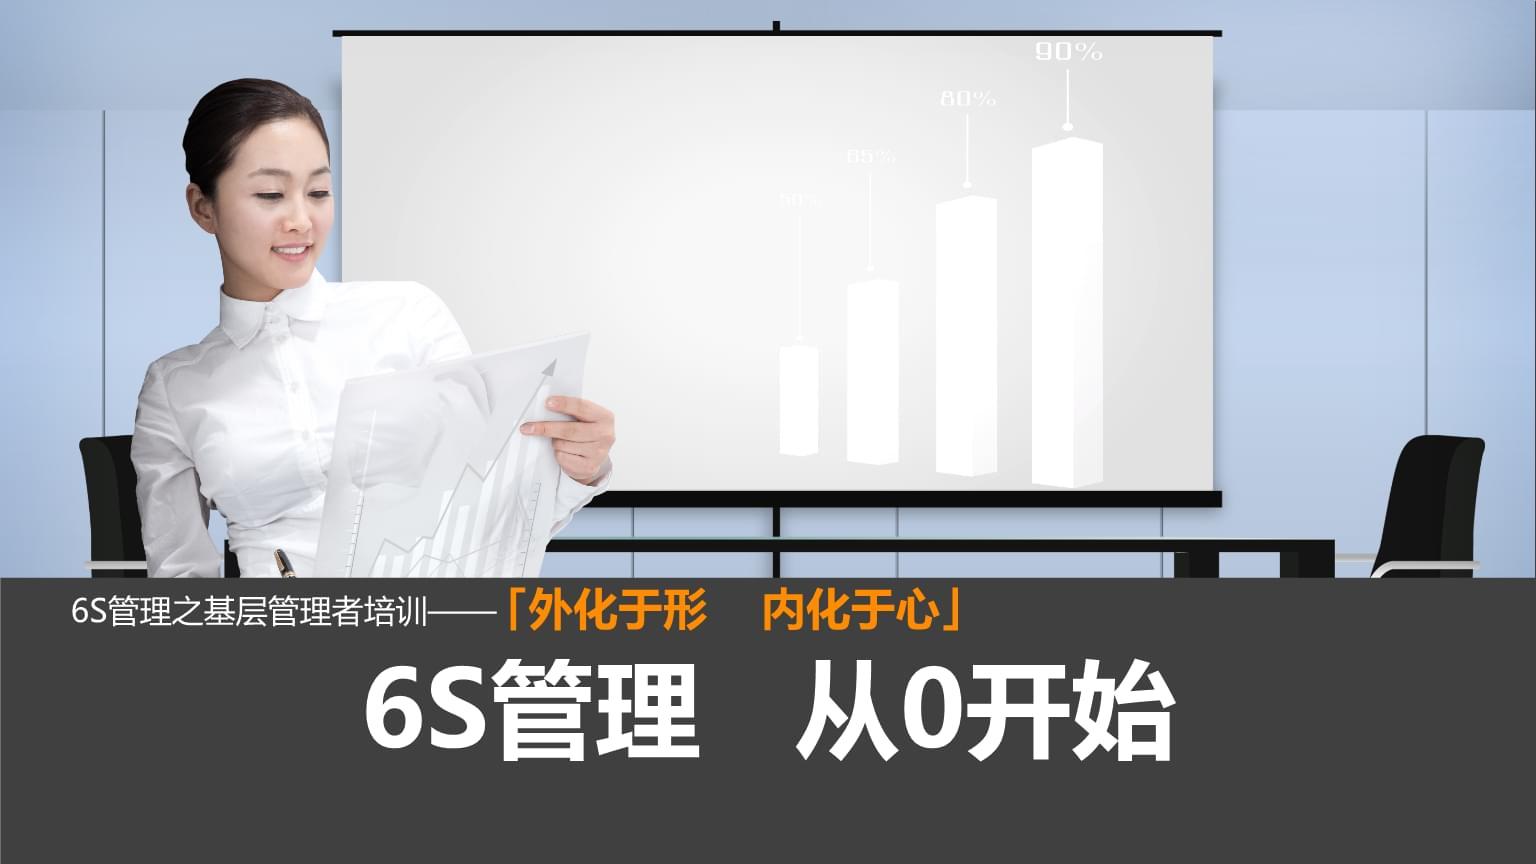 企业公司银行6S管理之基层管理者培训课件简洁ppt幻灯片.pptx